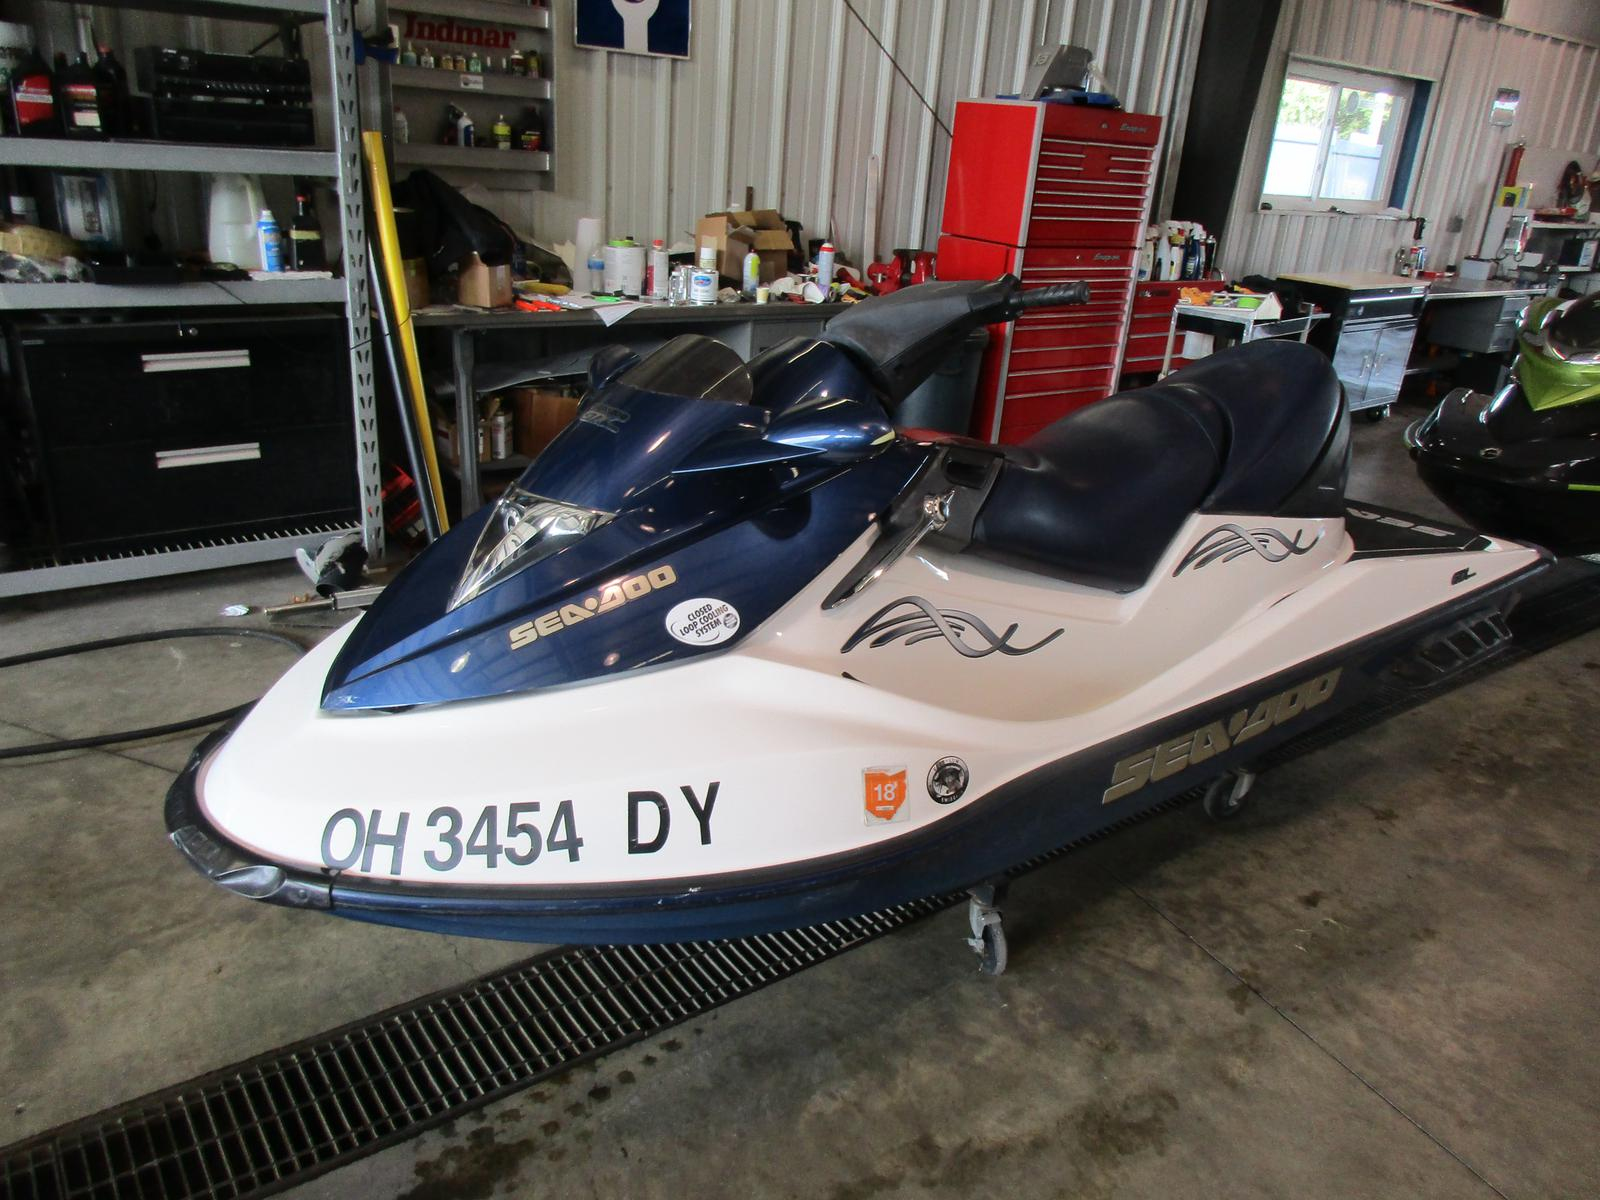 Sea-Doo GTX 155 4 stroke